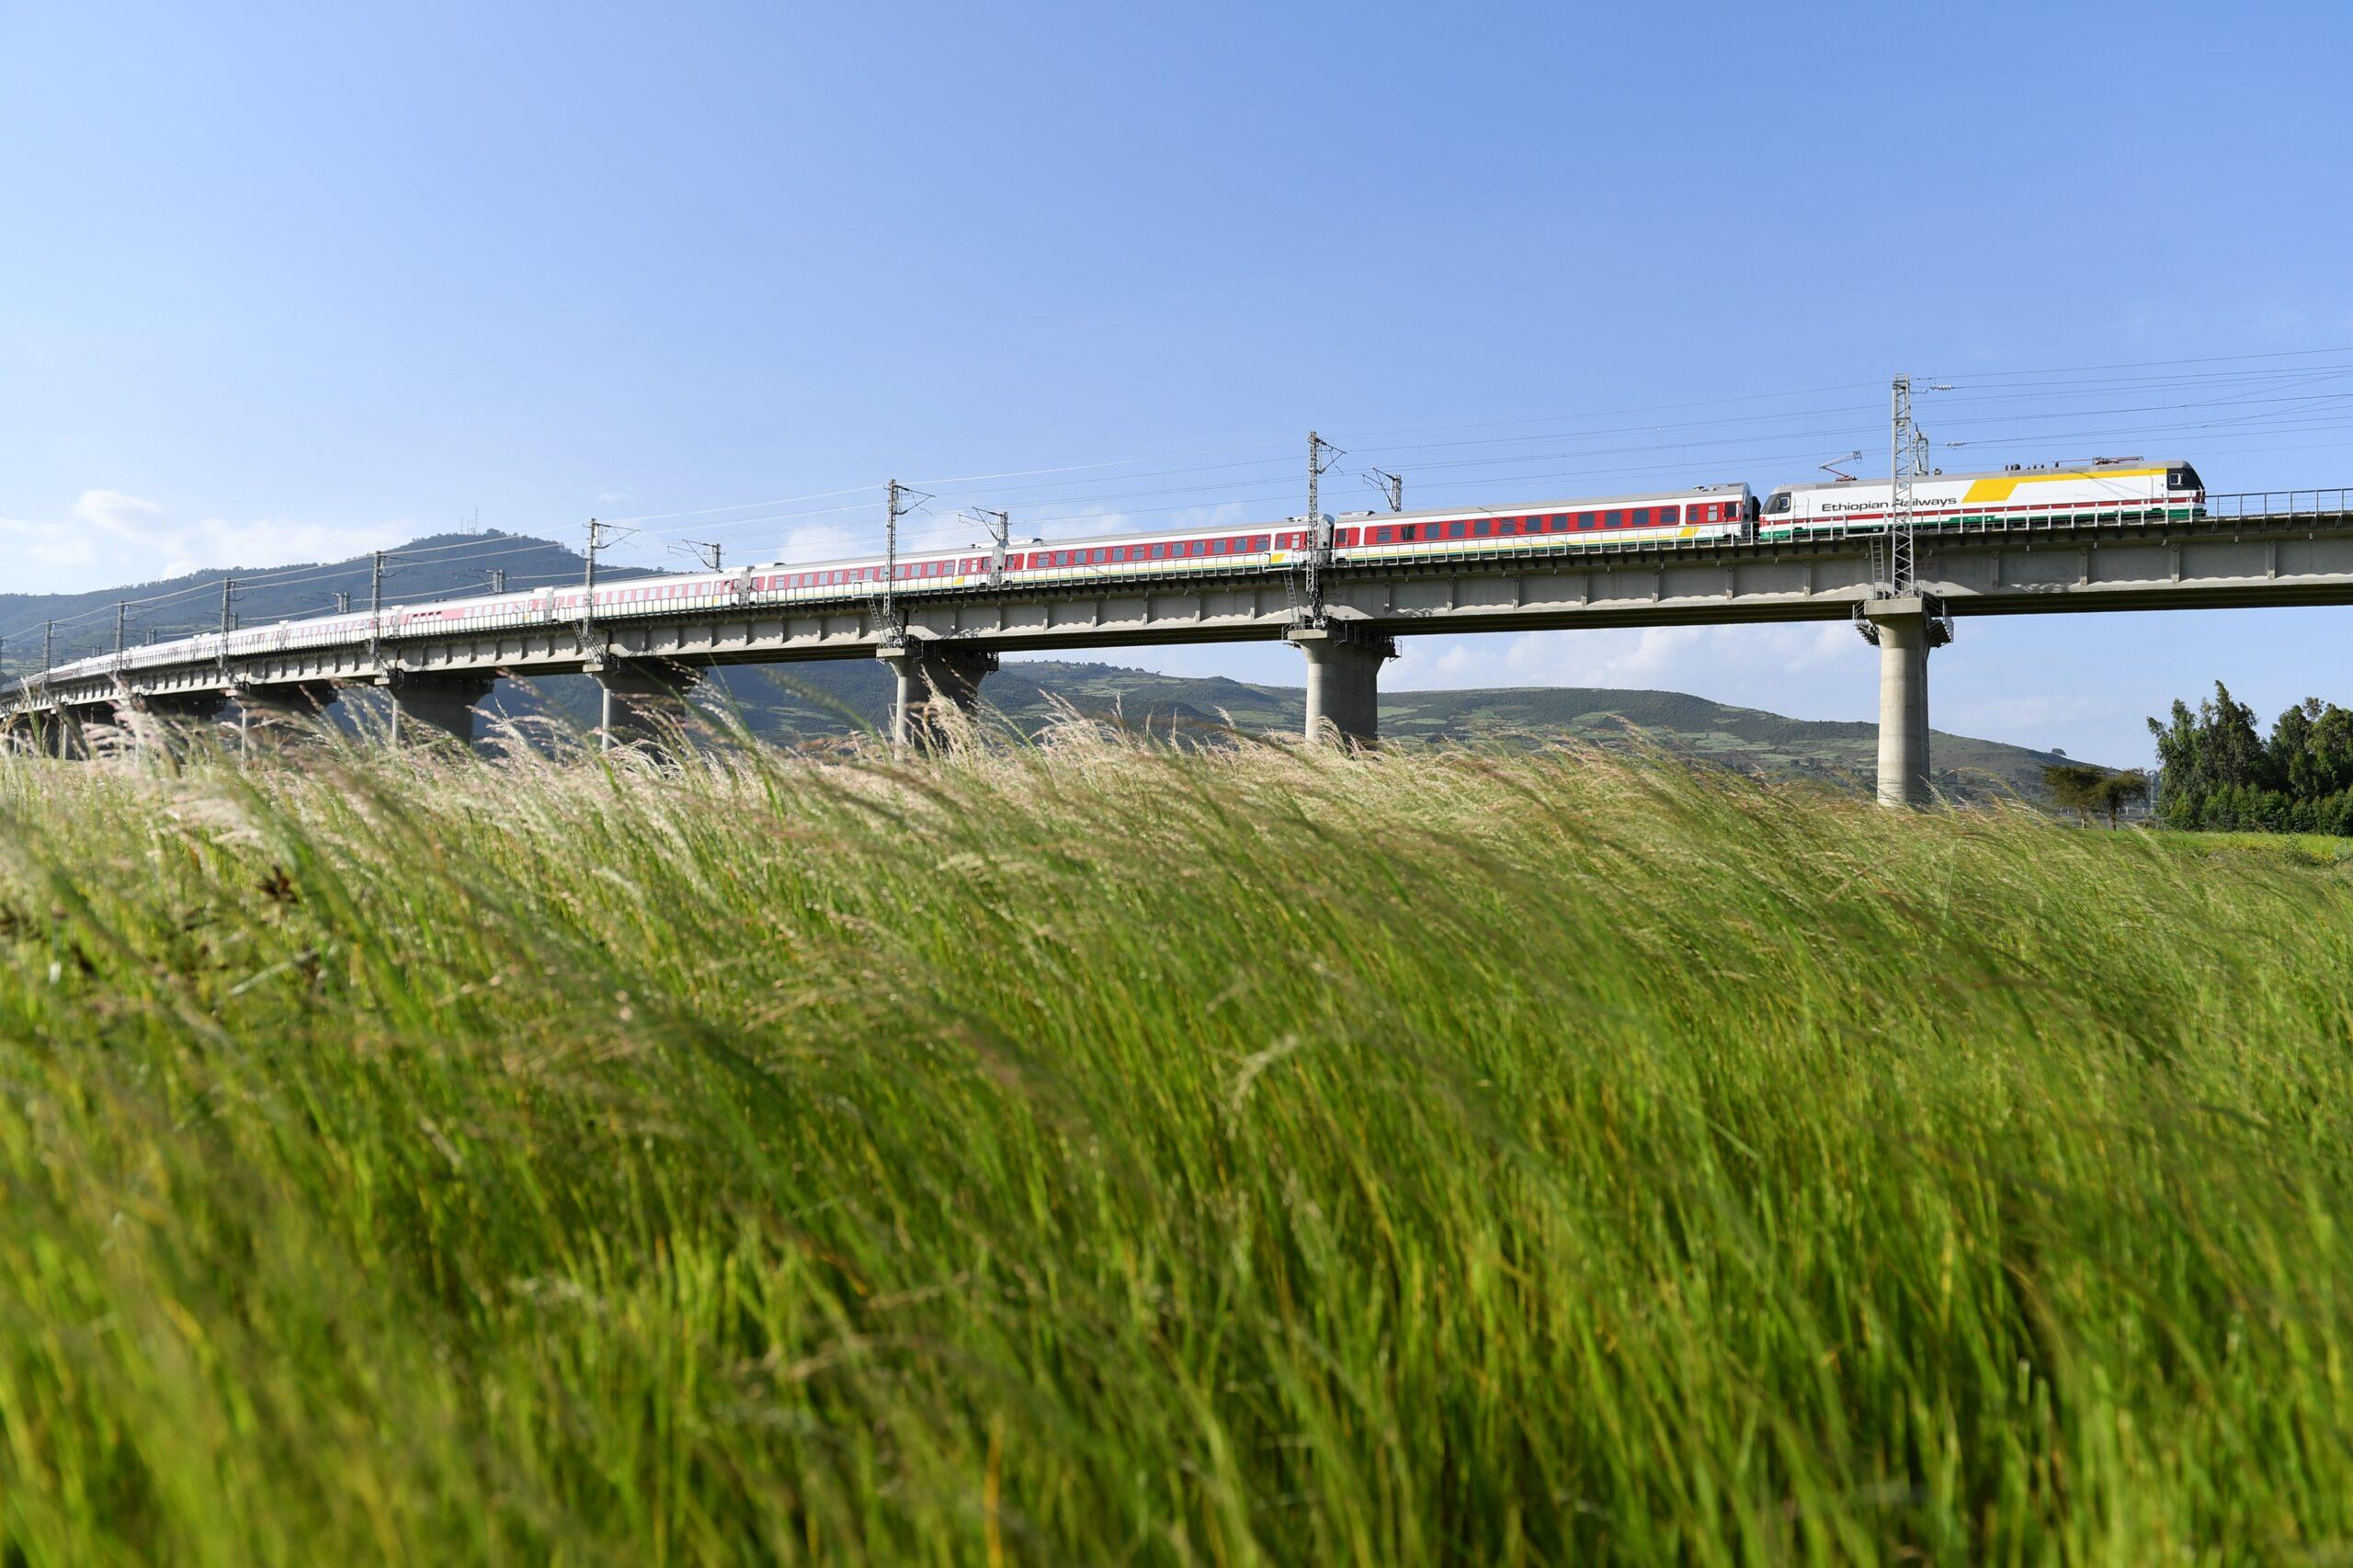 ทางรถไฟ 'เอธิโอเปีย-จิบูตี' ฝีมือจีน ขนส่งสินค้ากว่า 3 ล้านตันใน 3 ปี